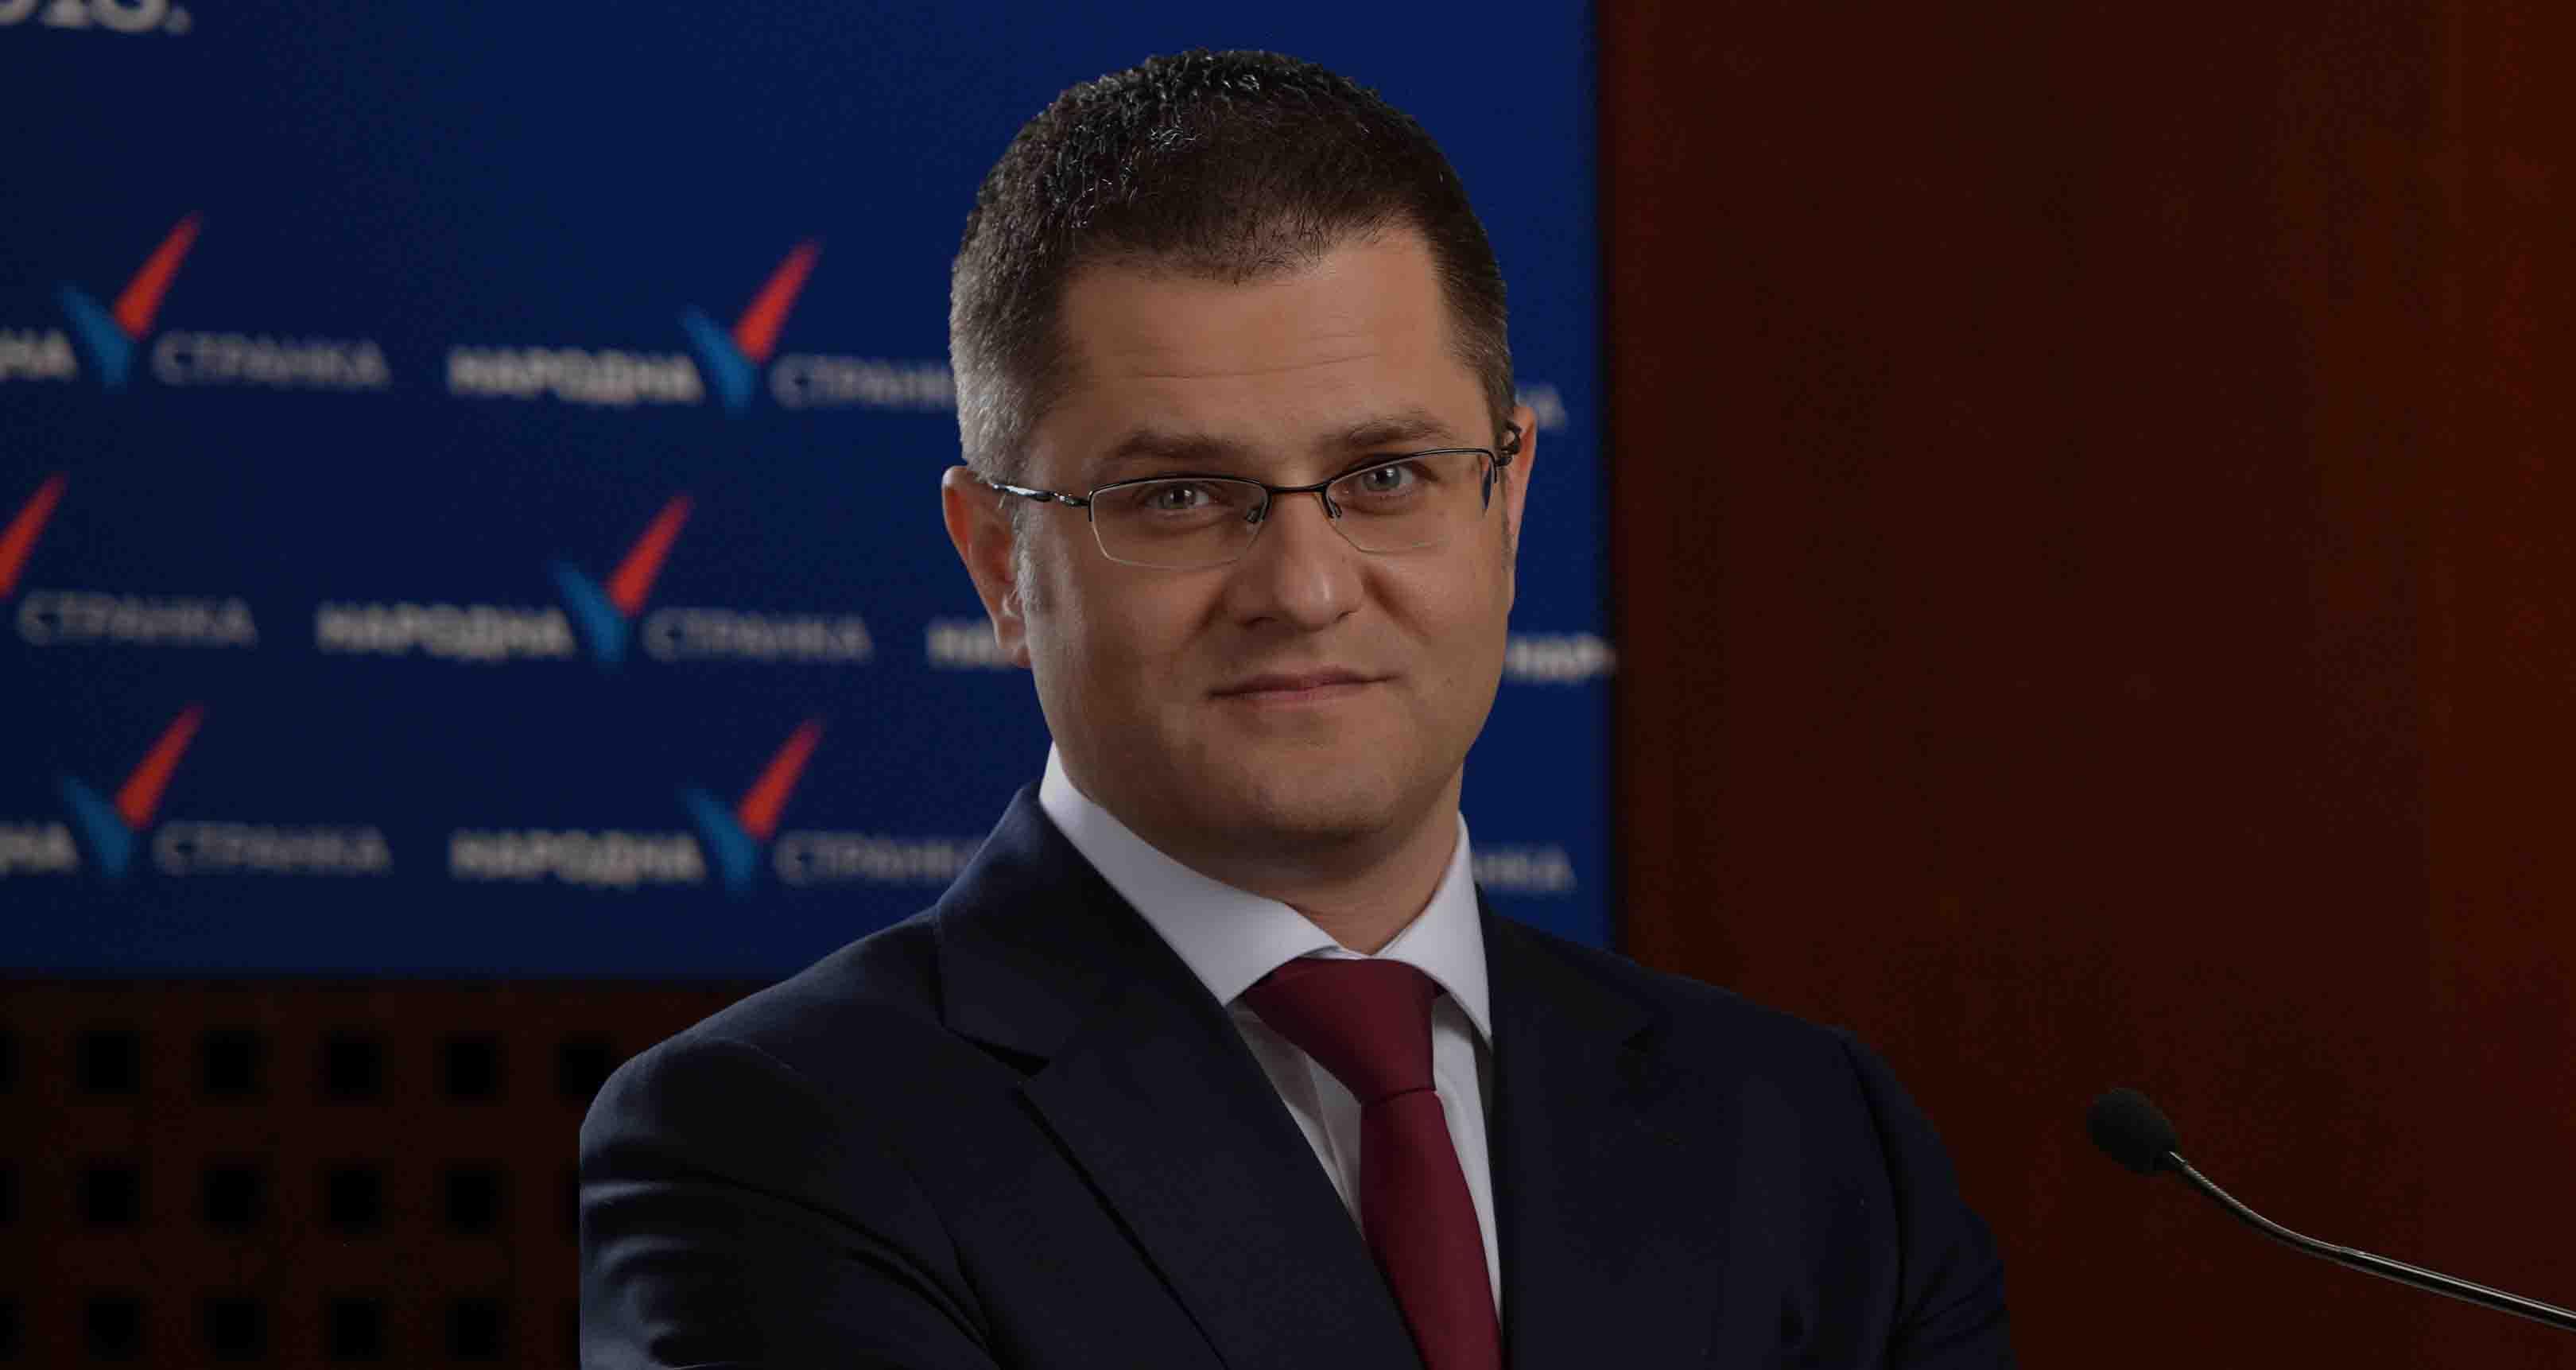 Јеремић за Блиц: Избори ће показати ко је опозиција Вучићу, а ко Вучићева опозиција